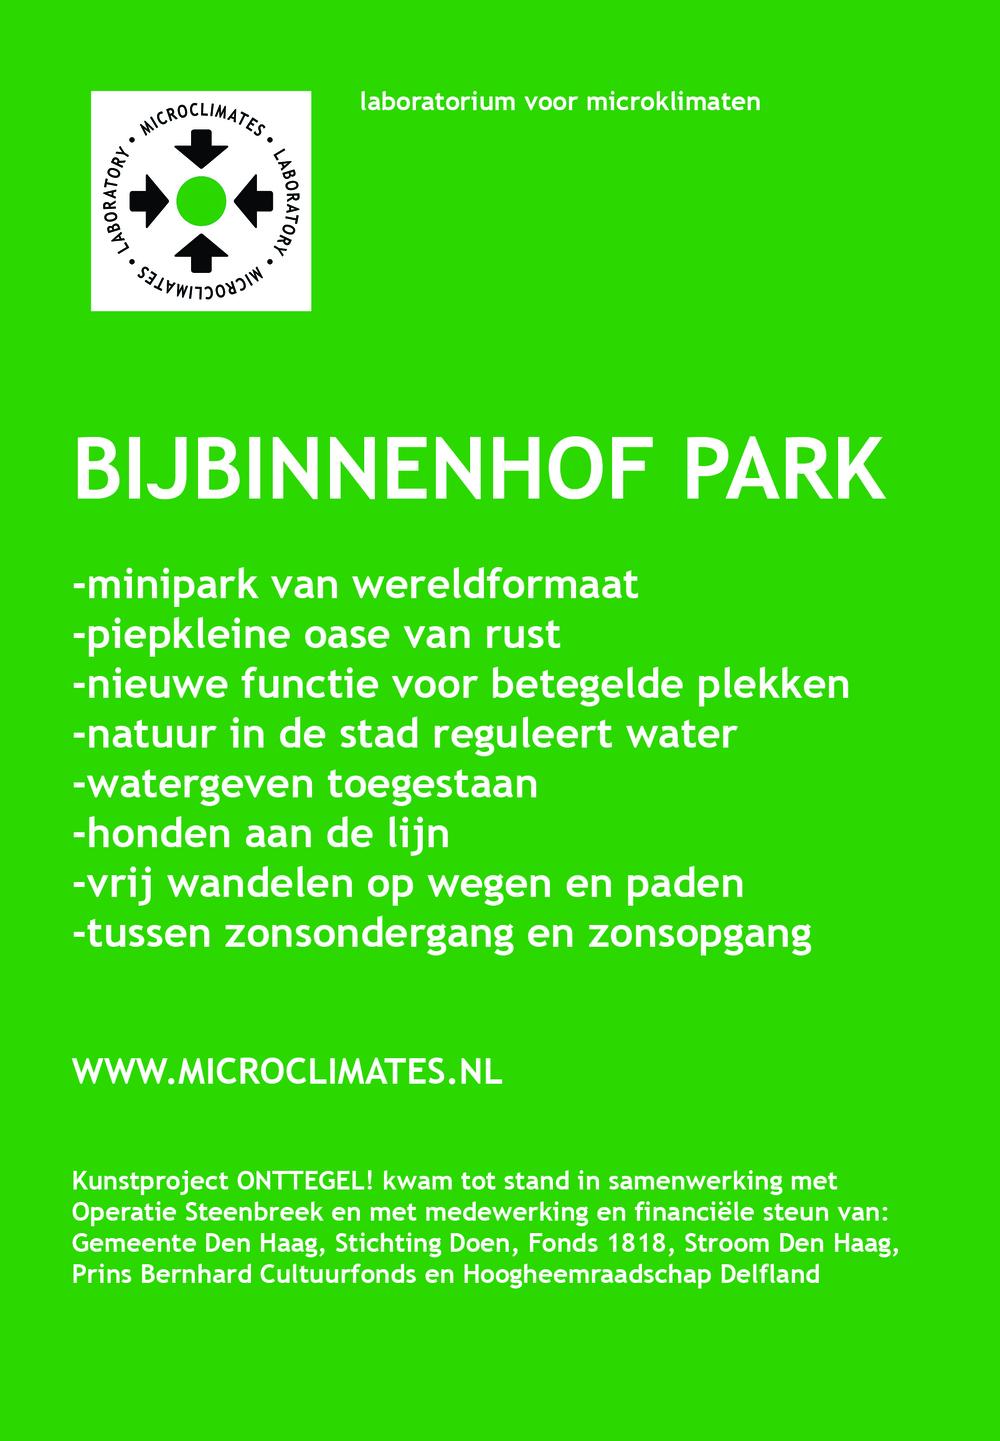 BijBinnenhofpark en film ONTTEGEL! Kunstproject BijBinnenhofpark is een mini park (50x50cm) van wereldformaat en vormt een piepkleine oase van rust in het drukke centrum van Den Haag. Met dit project gaat het Laboratorium voor Microklimaten een stap verder om onttegelde plekken een nieuwe functie in de openbare stedelijke ruimte te geven. Dit kleine park vraagt een officiële parkstatus aan en krijgt daarmee een belangrijke functie: namelijk het reguleren van water en belang van natuur in de stad onder de aandacht brengen bij bezoekers. Bij de film ONTTEGEL! staat het delen van innovatieve waterprojecten en kennis die opgedaan is in Den Haag en Portland V.S. centraal. Zo bestaan in Portland de z.g.n. bioswales, hemelwater filtratie tuinen die, soms verenigd met kunstwerken, worden aangelegd om overtollig oppervlaktewater in hevige regenperiodes af te kunnen voeren. Programma Opening BijBinnenhofpark en film ONTTEGEL! do 19 november, aanvang 17.15 uur, Hofplaats, Den Haag -Aanleg park -Plaatsing watershed Garmt Arbouw(beleidsmedewerker I&M) -Parkinspectie boswachter Erik Evers(park Sorghvliet) -Opening park wethouder Joris Wijsmuller, Garmt Arbouw en Erik Evers -Openlucht filmpresentatie ONTTEGEL! -Optreden Rapaille-Vertellerscollectief Voor meer informatie: neem contact op met annechienmeier@gmail.com of bezoek website: www.microclimates.nl